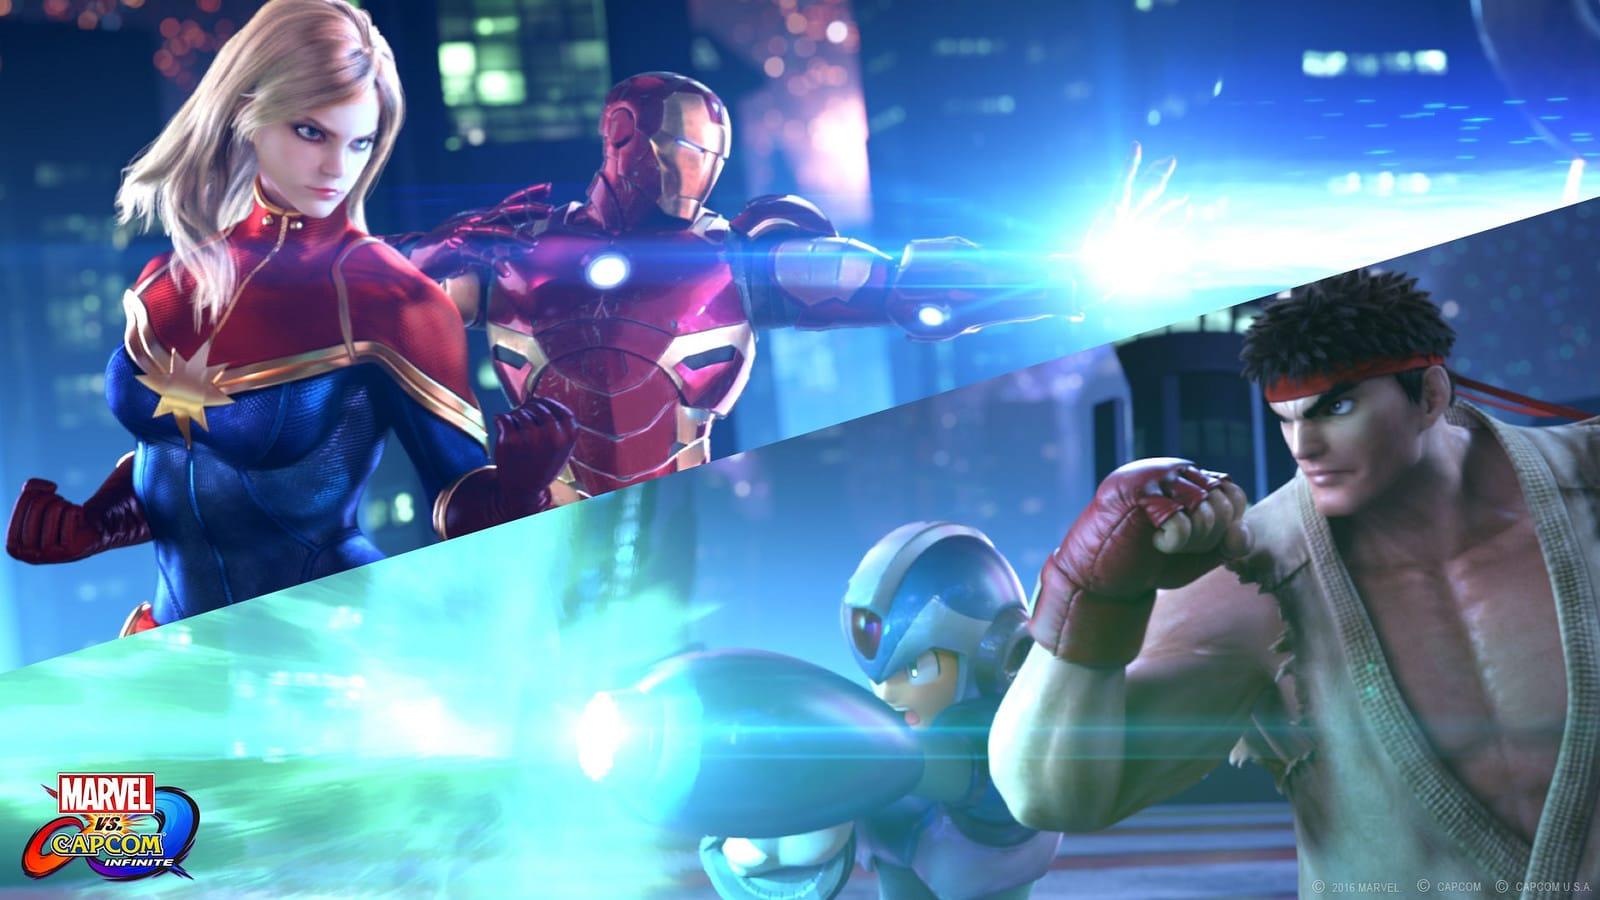 Marvel vs Capcom: Infinite' hits PS4, XB1 and PC in 2017